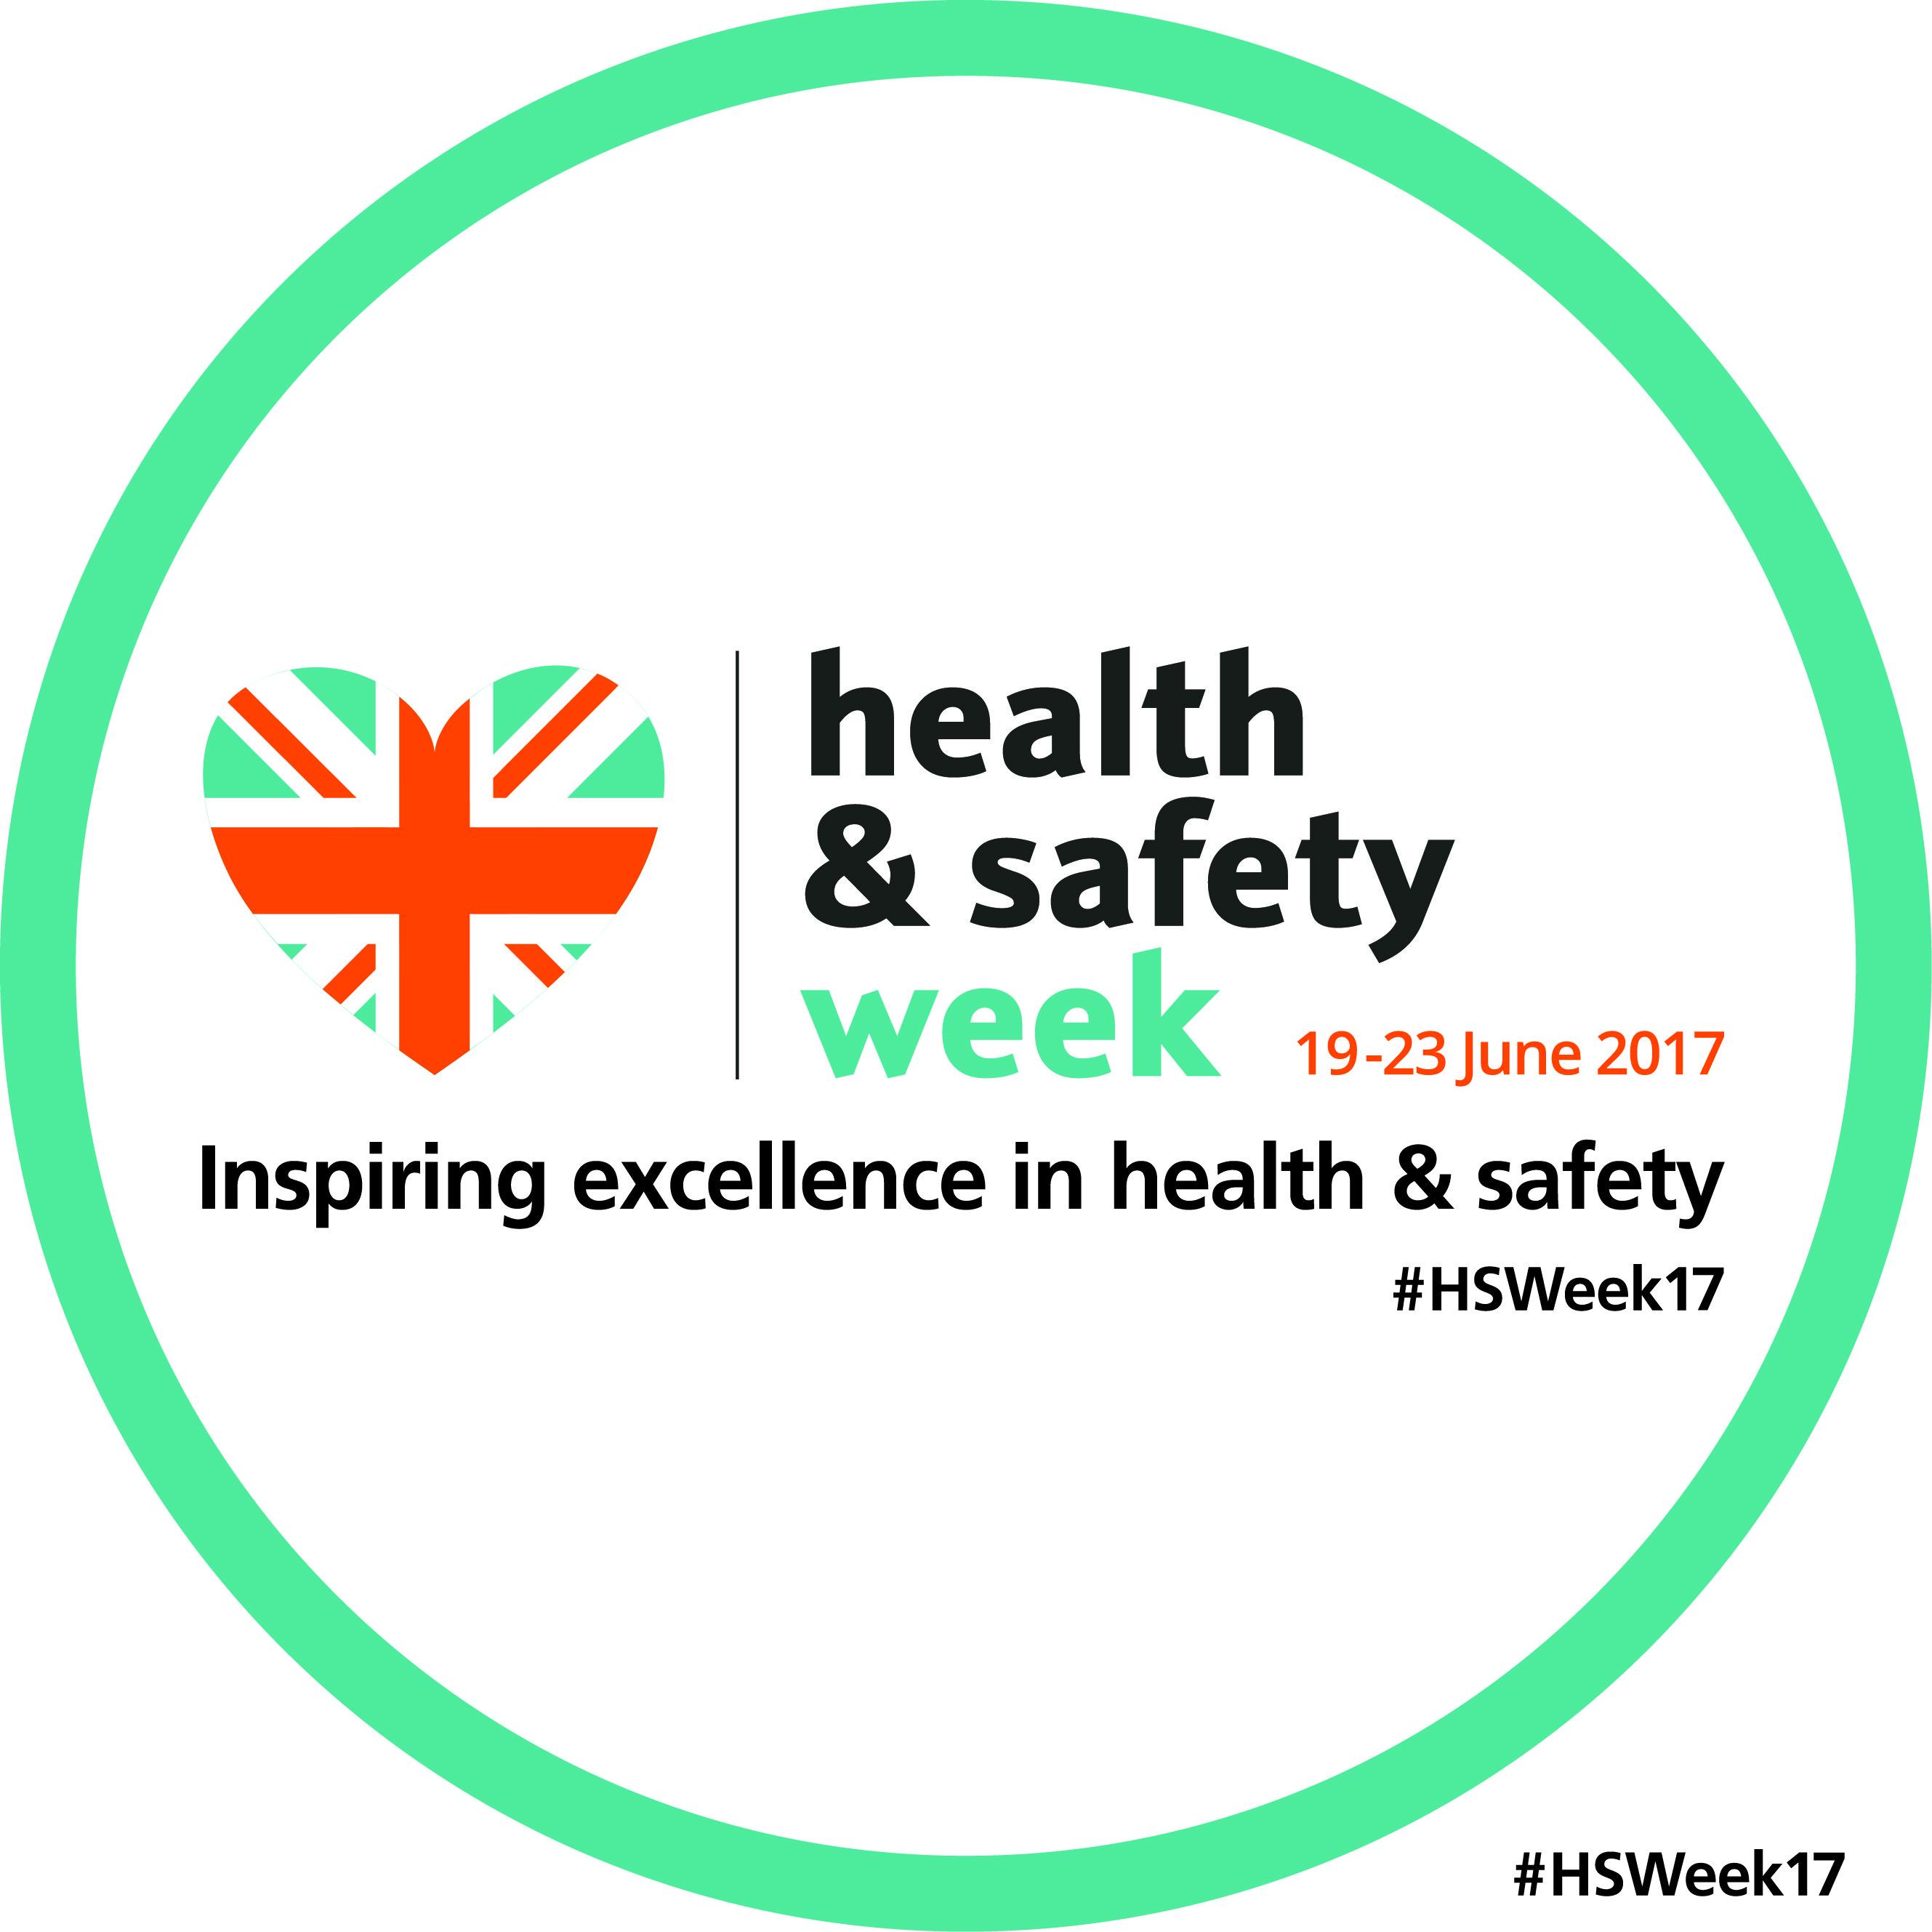 2311 Health & Safety Week 2017 round